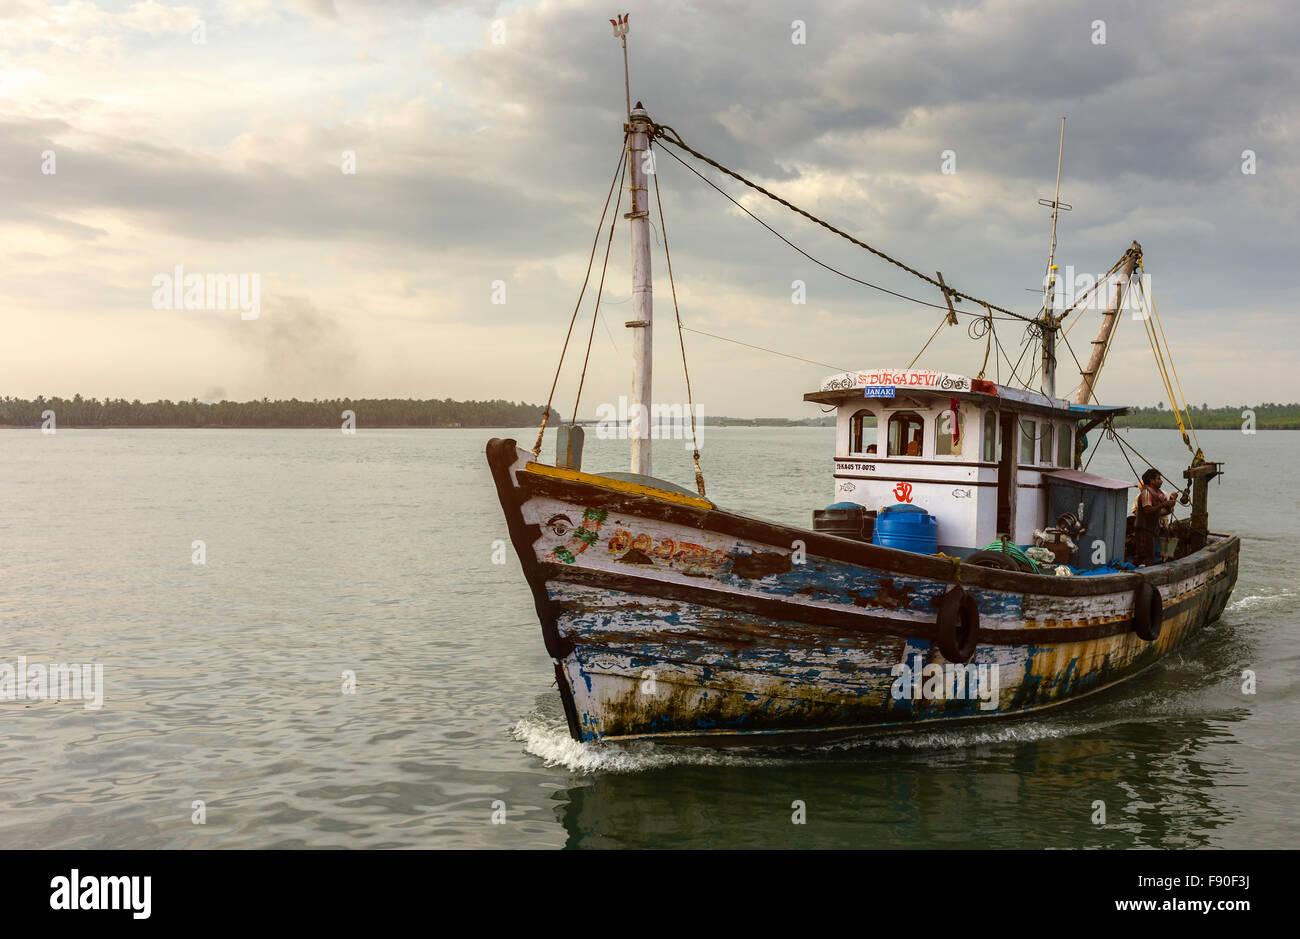 Arrastrero devuelve al atardecer desde el mar profundo viaje de pesca en el Mar de Arabia y el ancla en puerto Valapattam, Kerala, India. Foto de stock